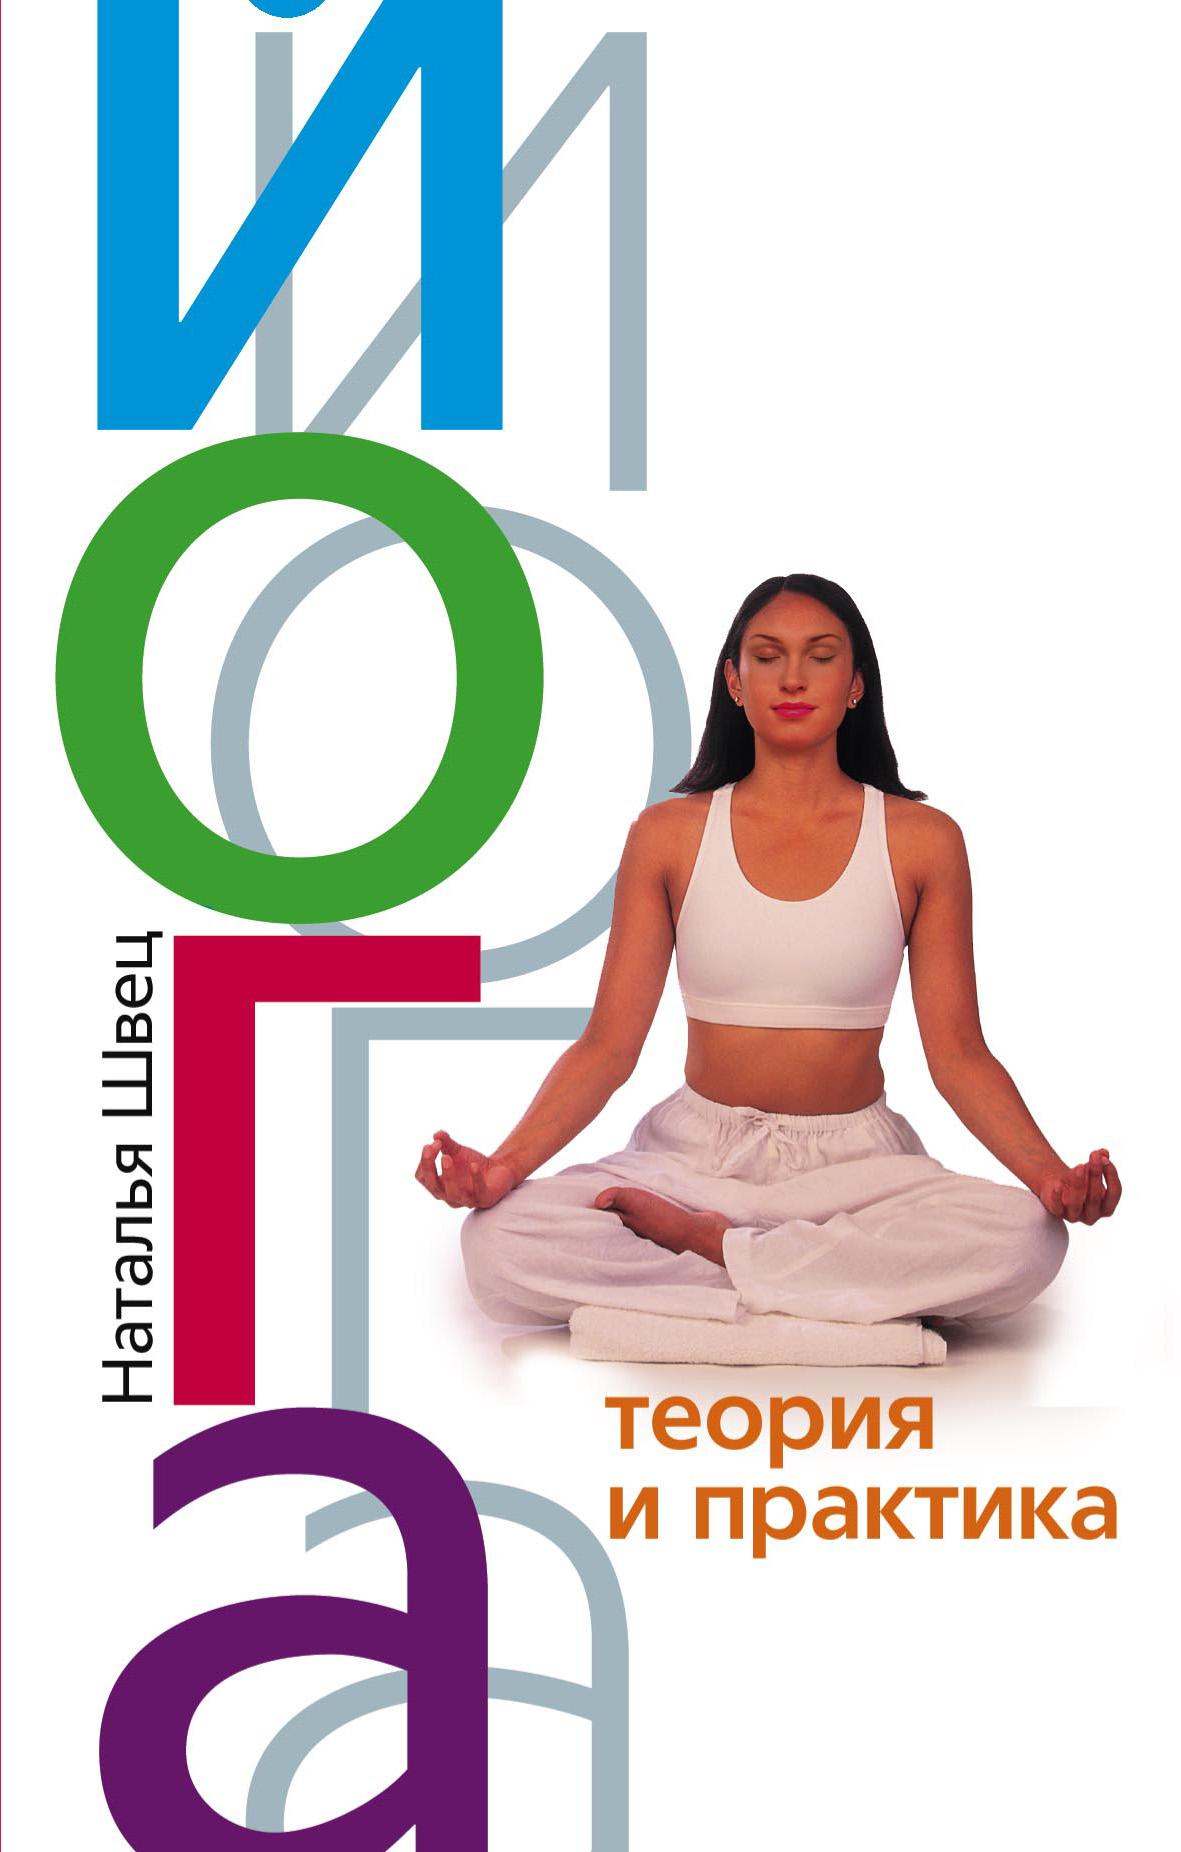 Наталья Николаевна Швец Йога. Теория и практика швец наталья йога теория и практика